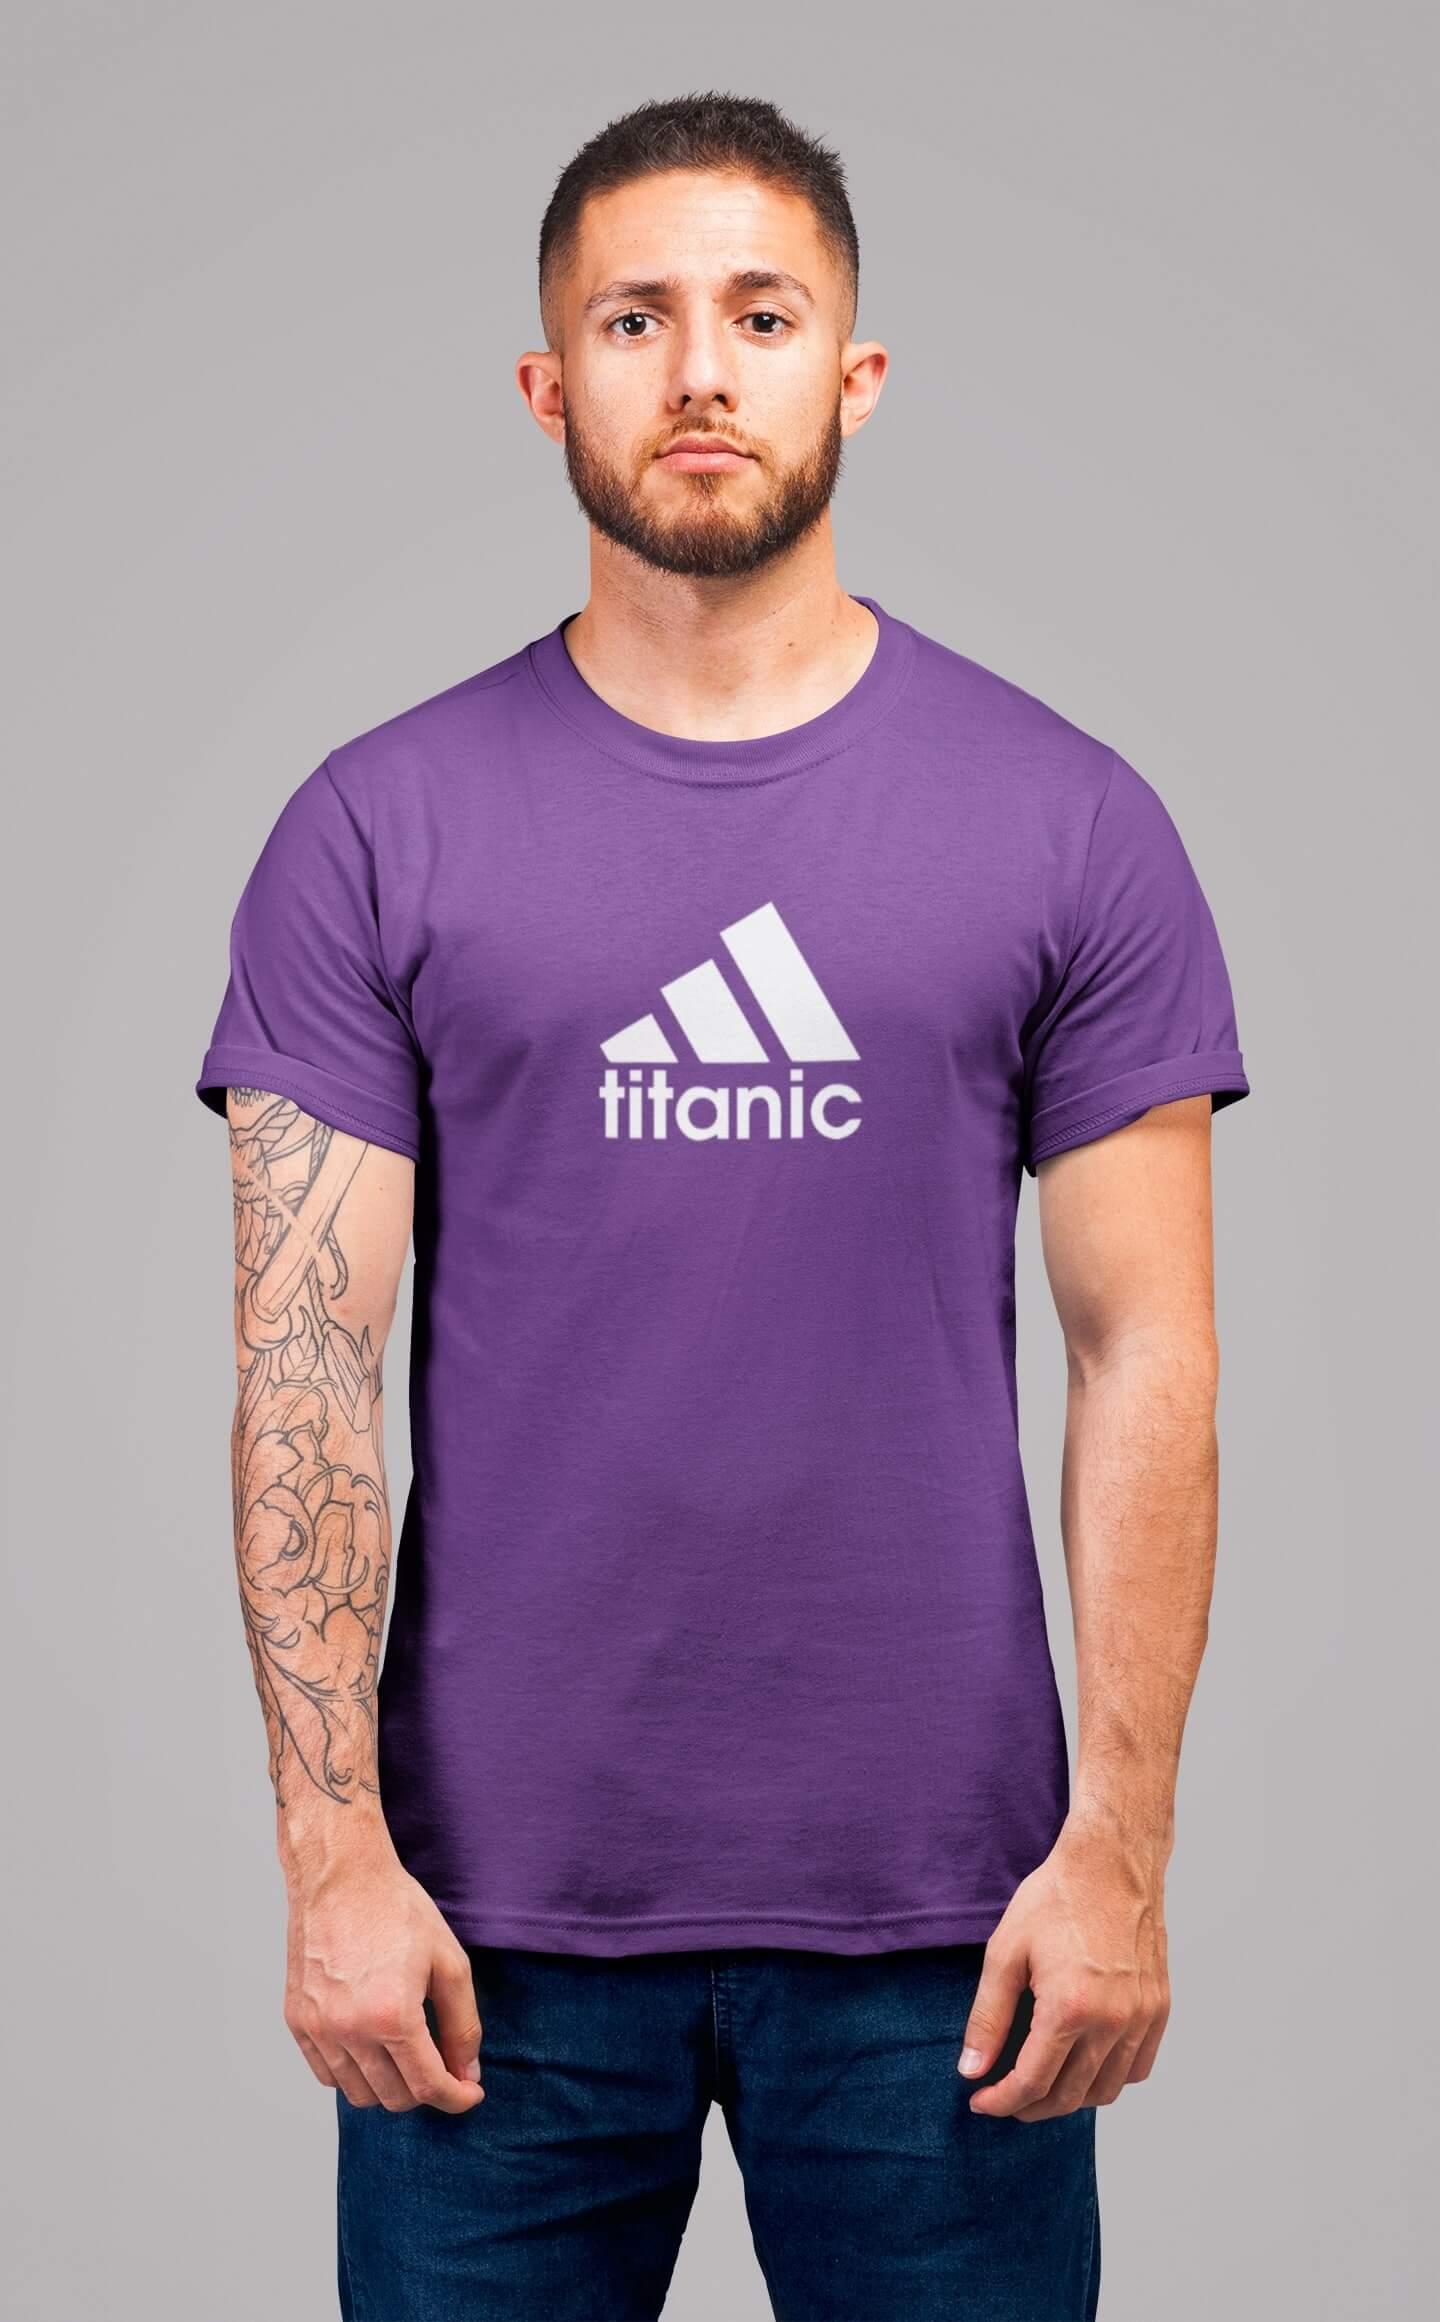 MMO Pánske tričko Titanic Vyberte farbu: Fialová, Vyberte veľkosť: XS